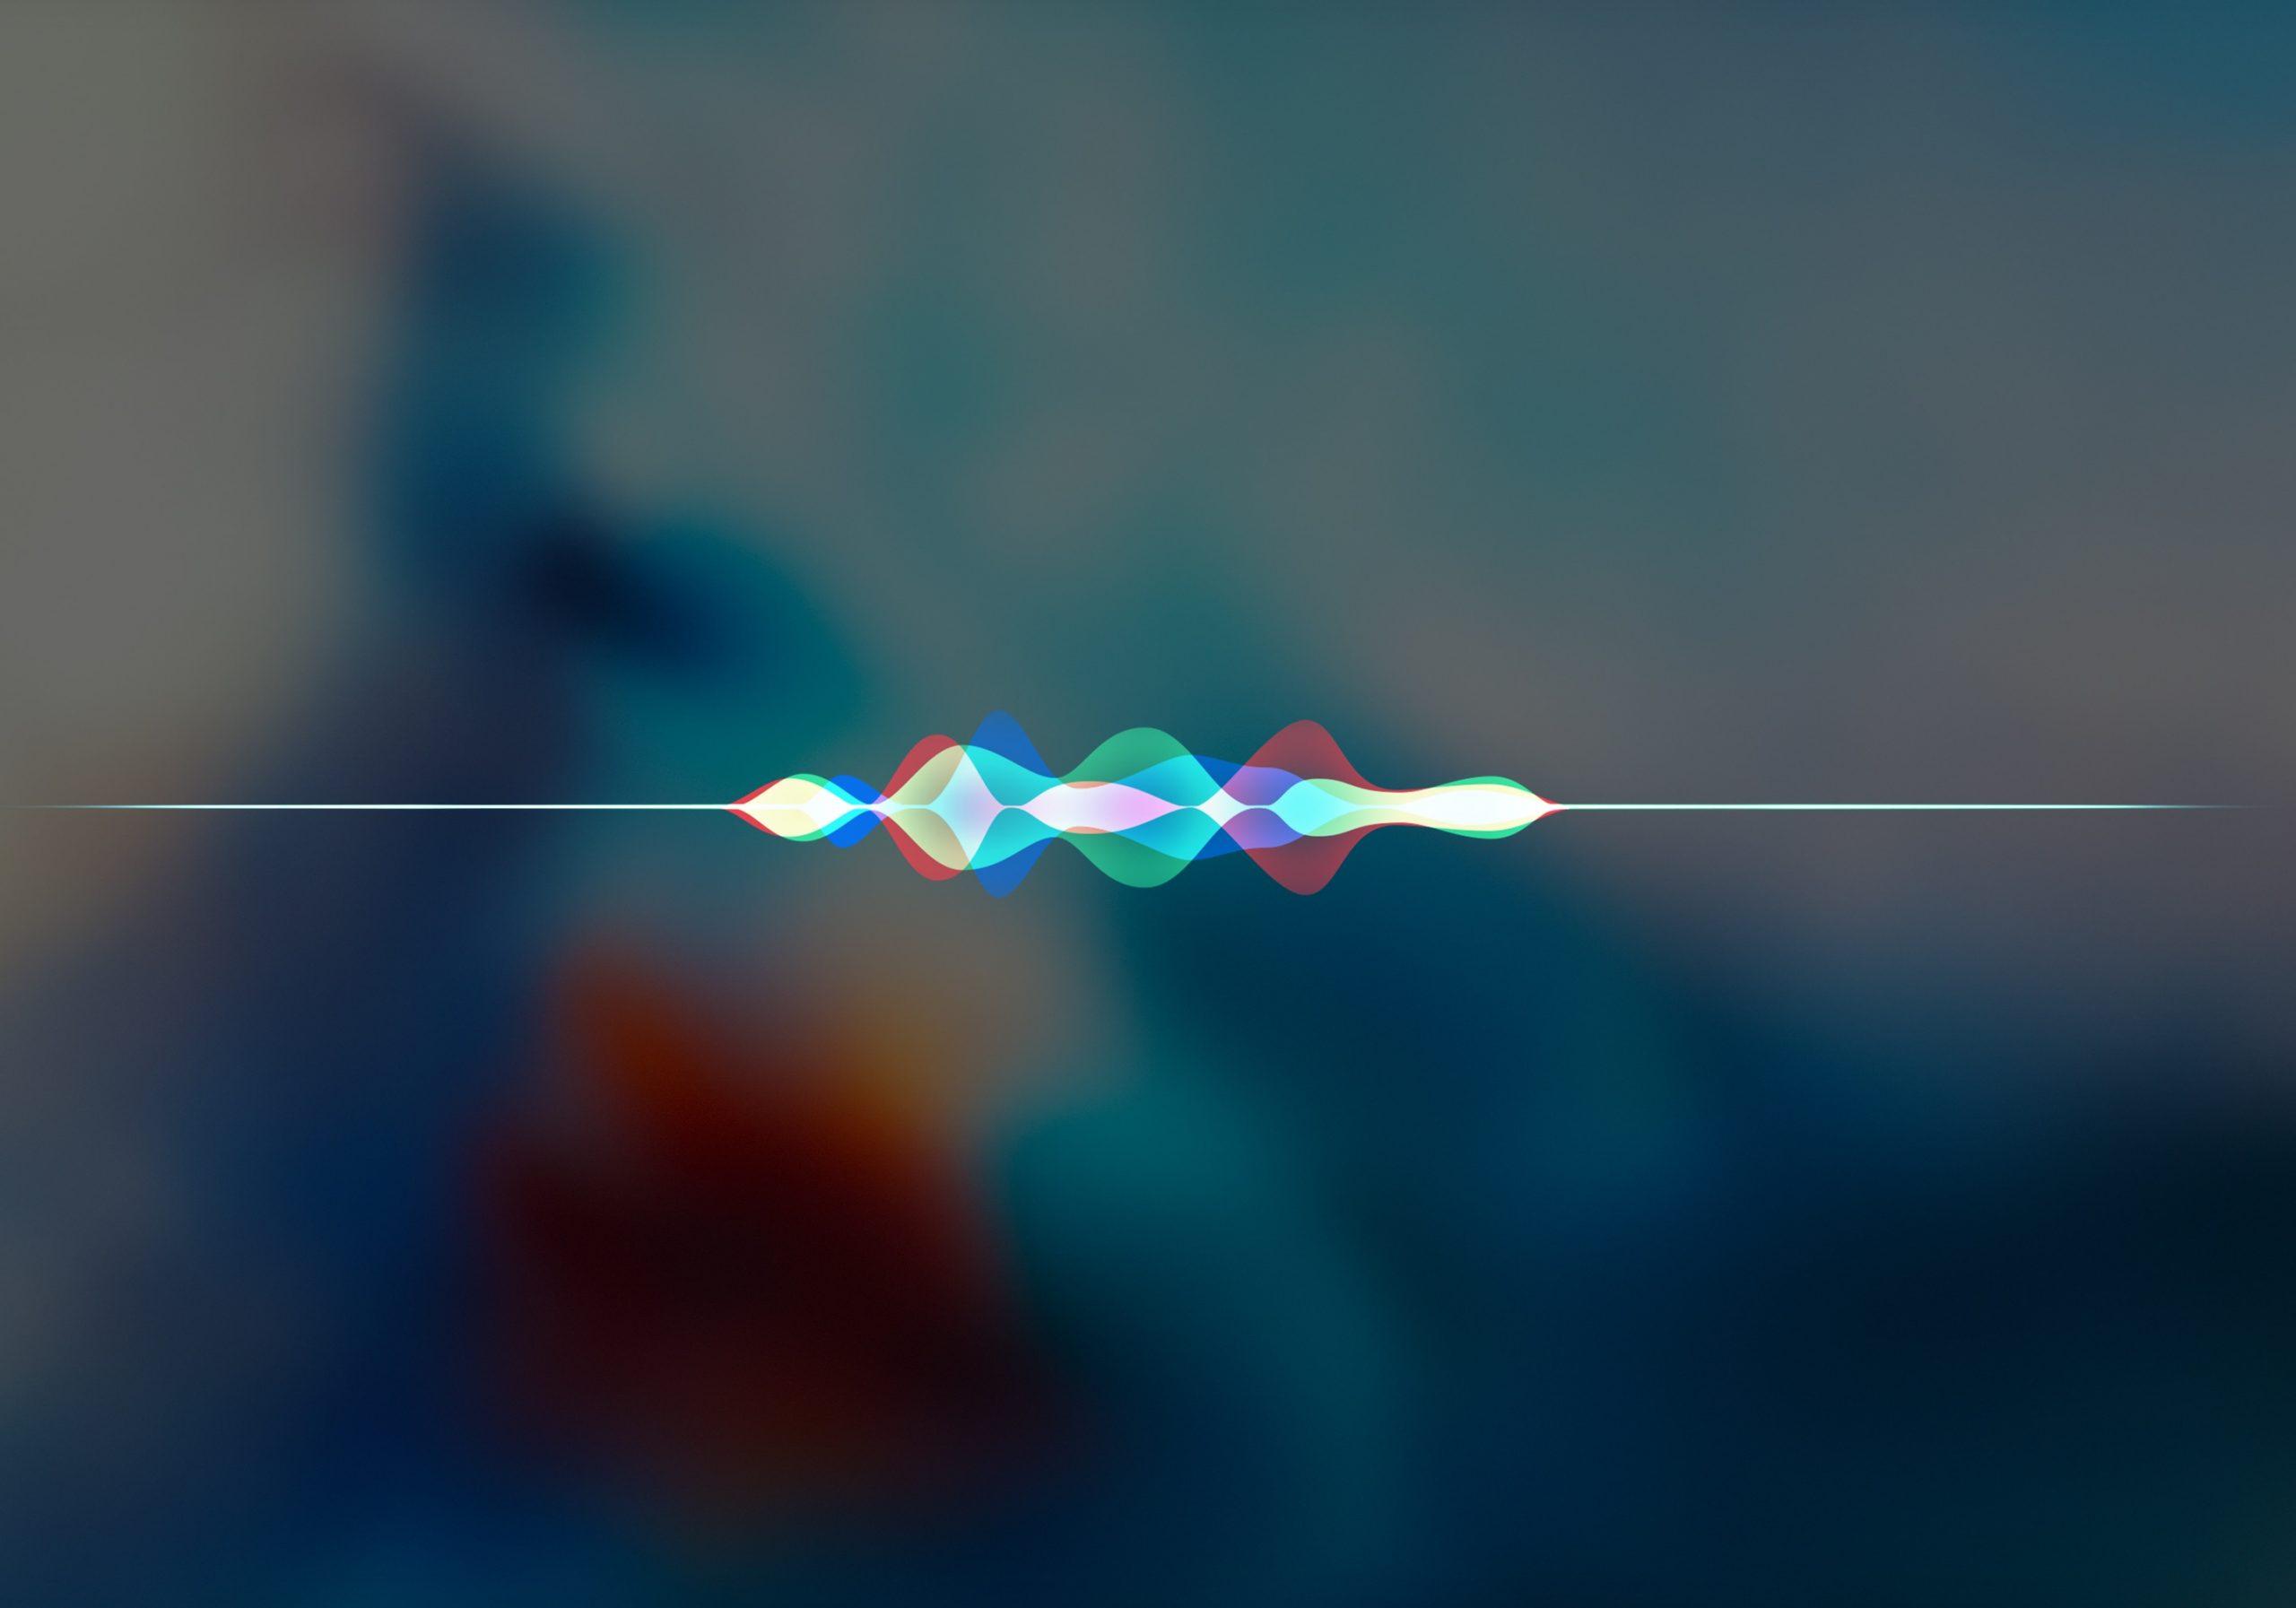 Ei, Apple ei ehita (ilmselt) Sirile kõlareid mööda Amazon Echo liine